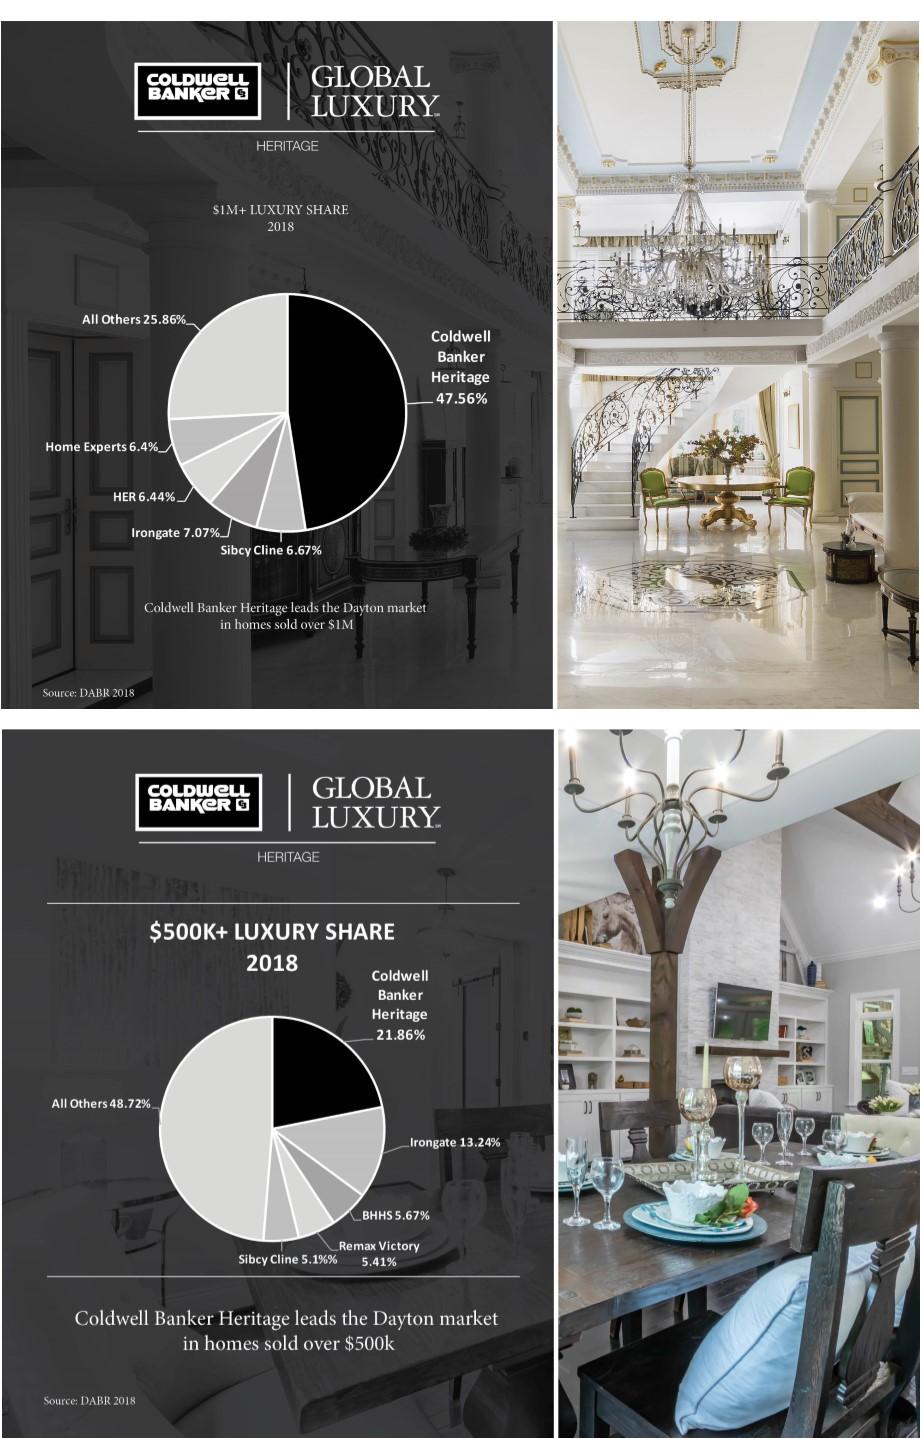 Global Luxury Statistics